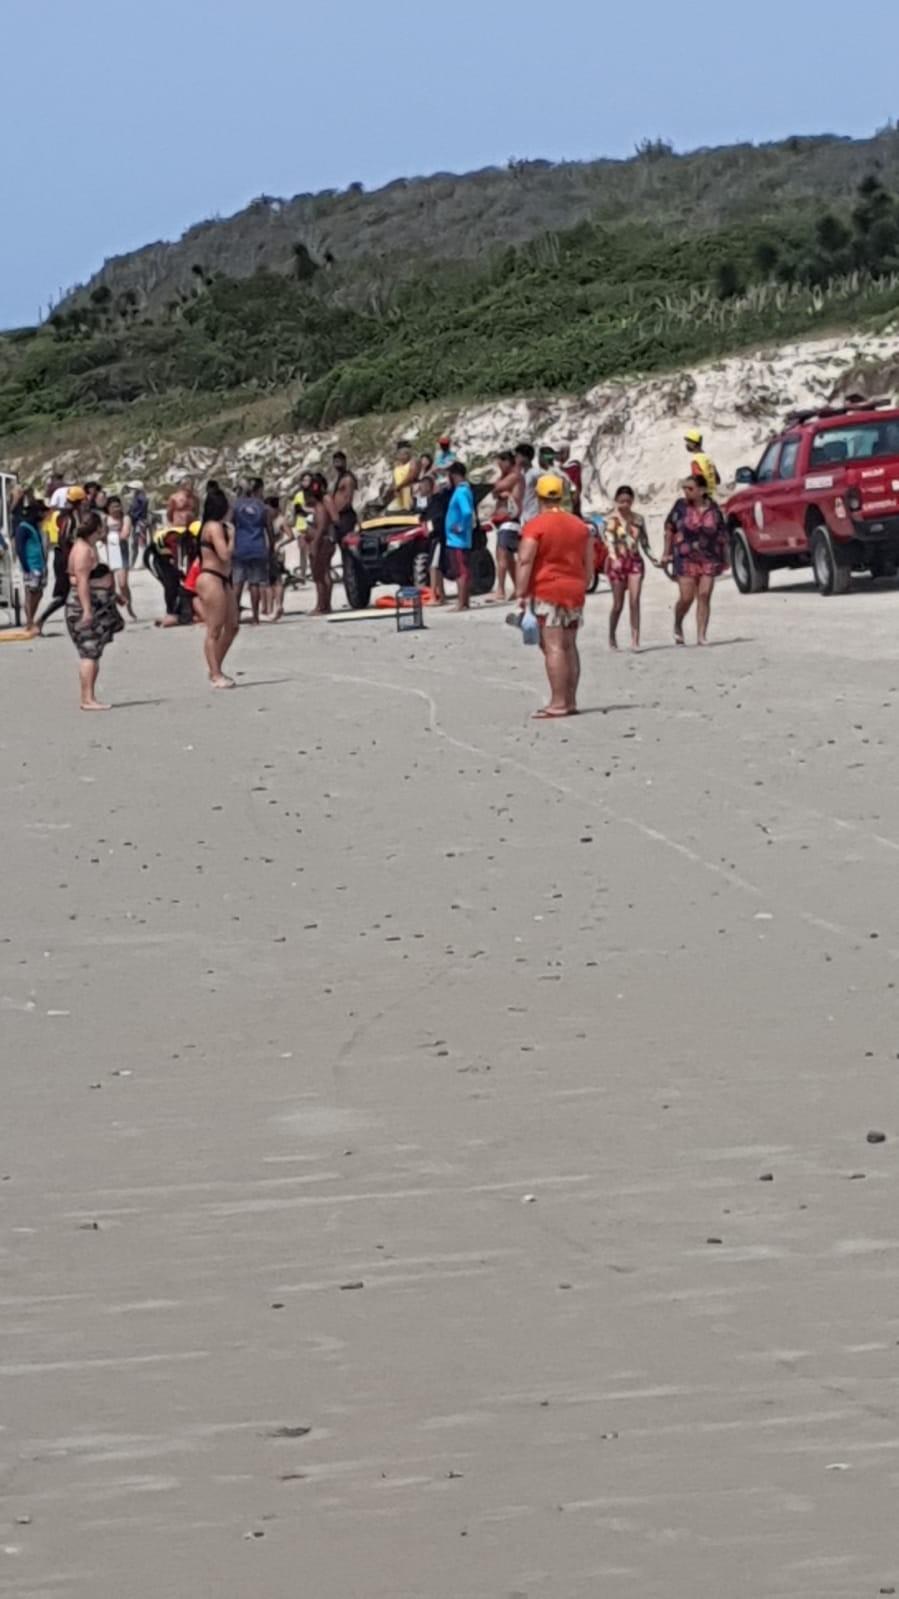 Três homens morrem após afogamento na Praia das Conchas, em Cabo Frio, no RJ